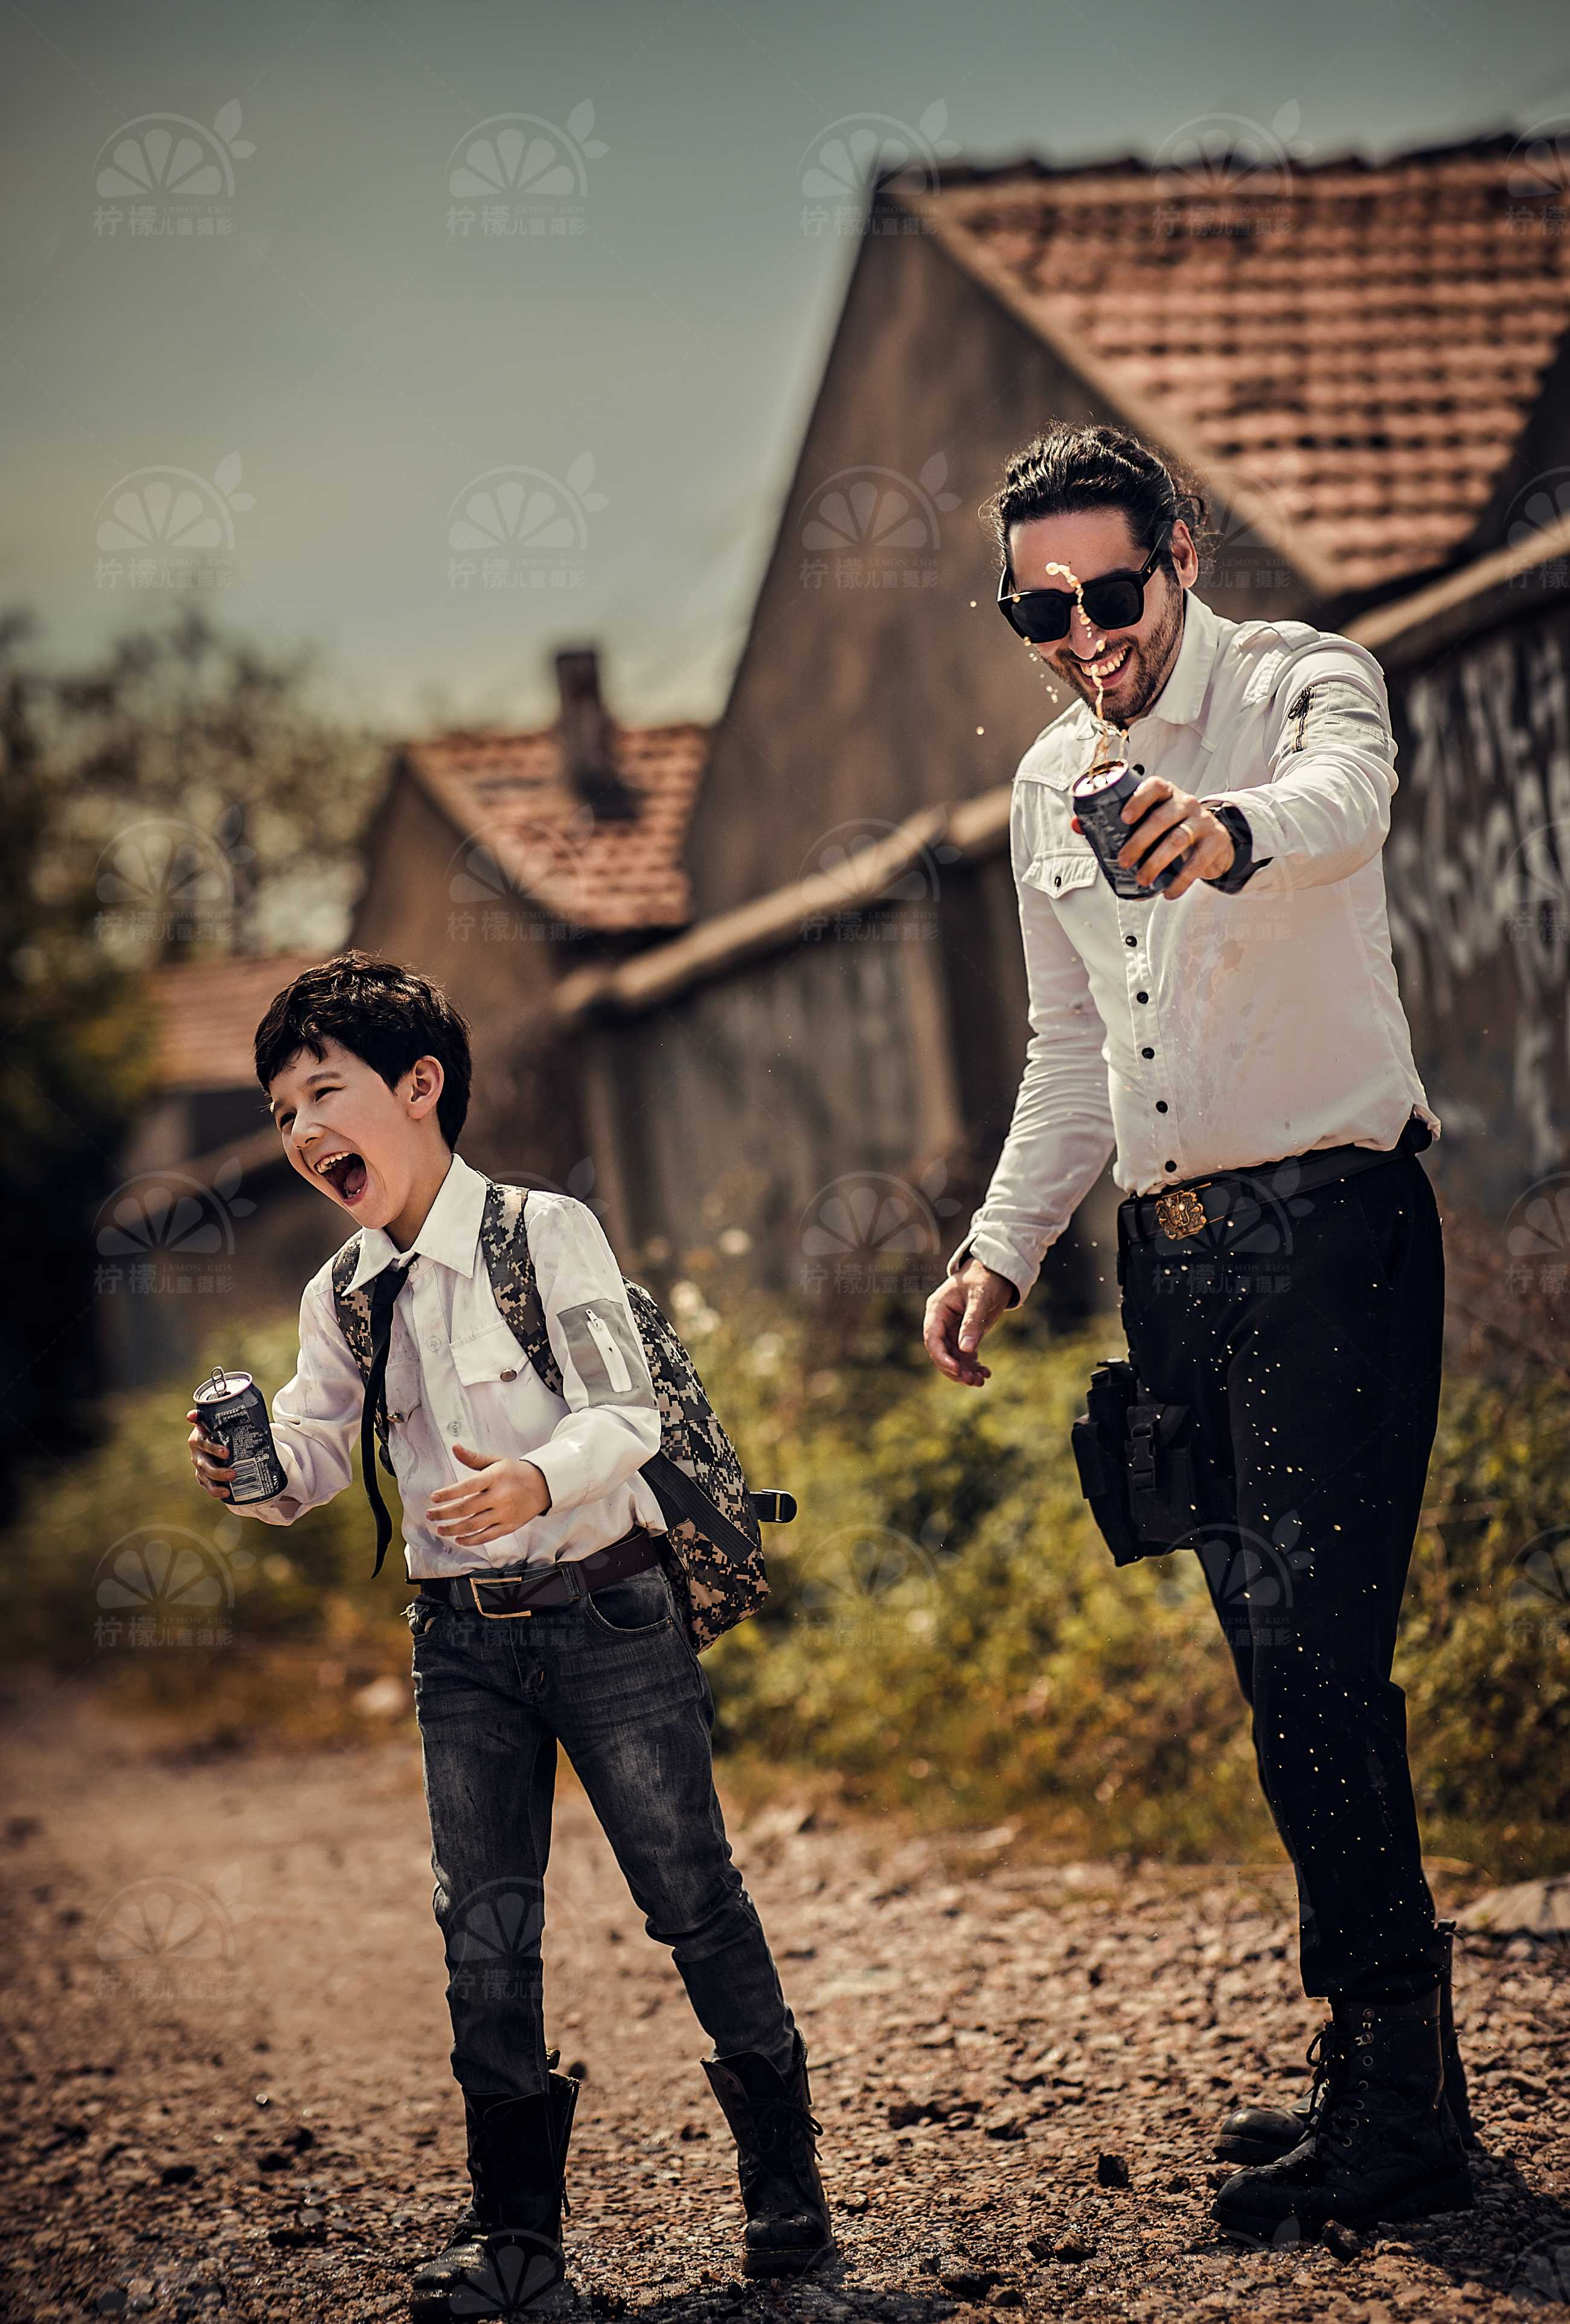 【回帖就可領紅包】檸檬兒童攝影帶你一秒進入3D游戲世界!《和平精英》主題等你來拍!